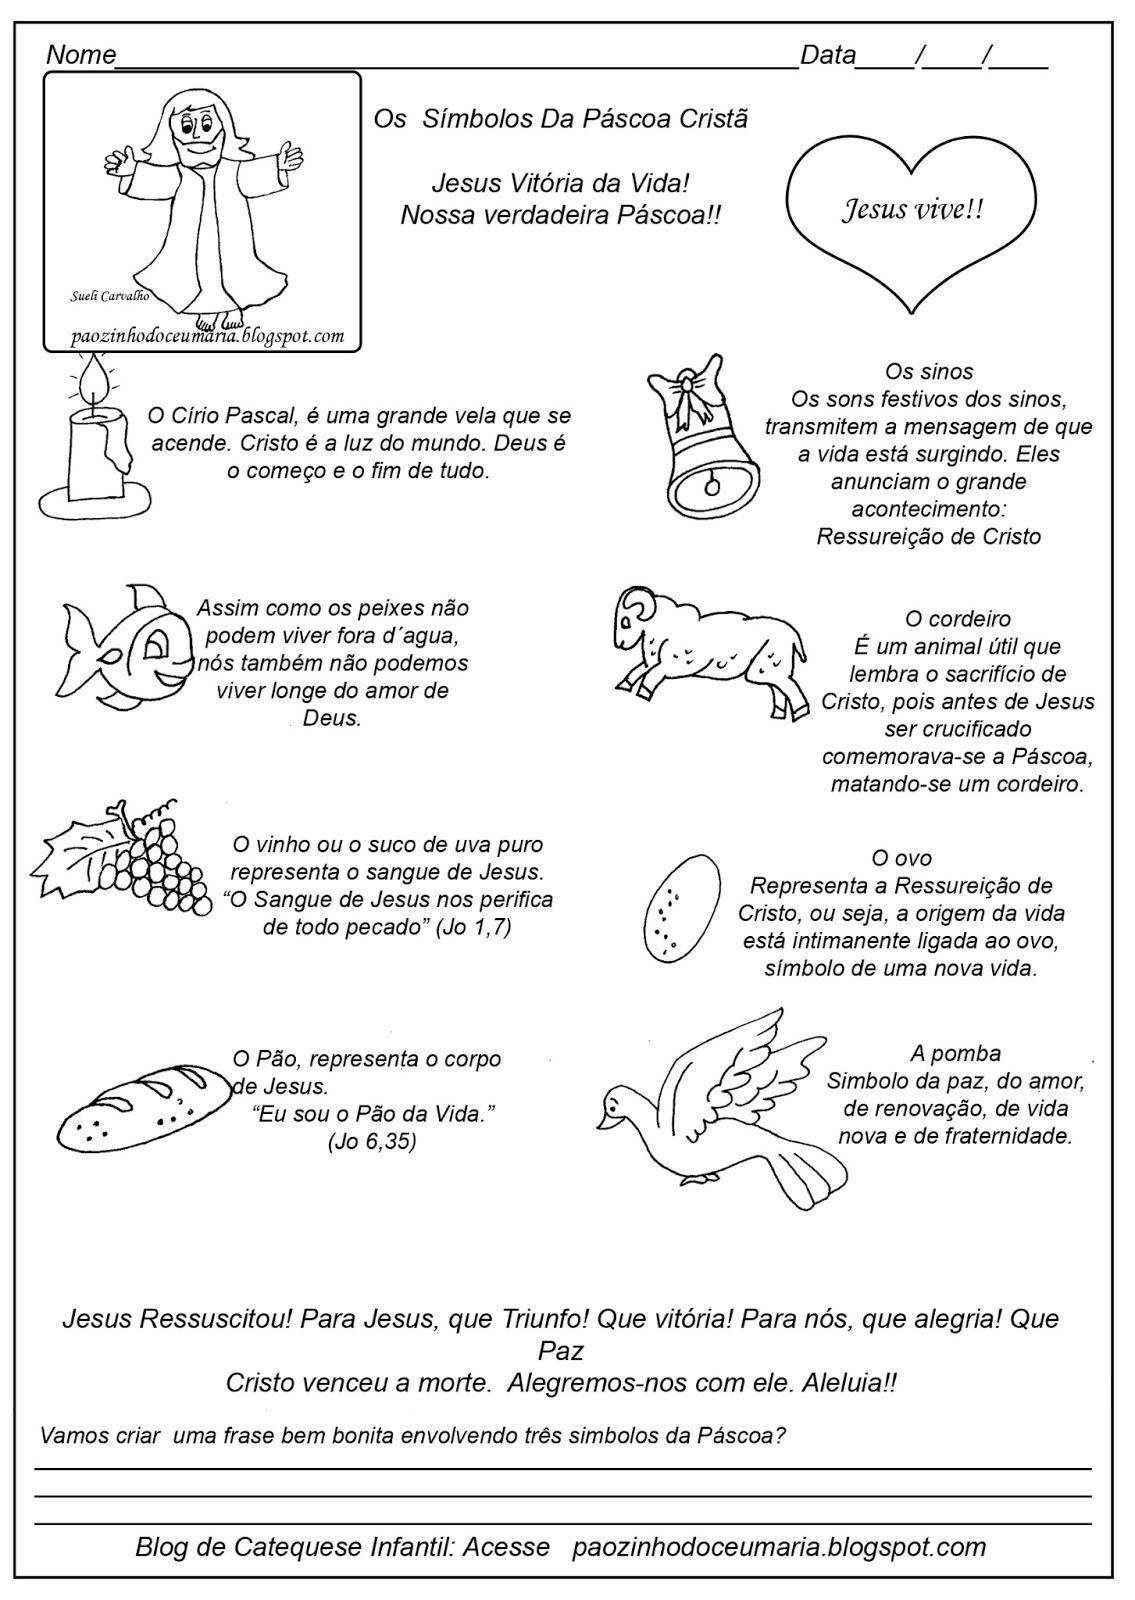 Imagens Dos Simbolos da Pascoa Símbolos da Páscoa e Uma